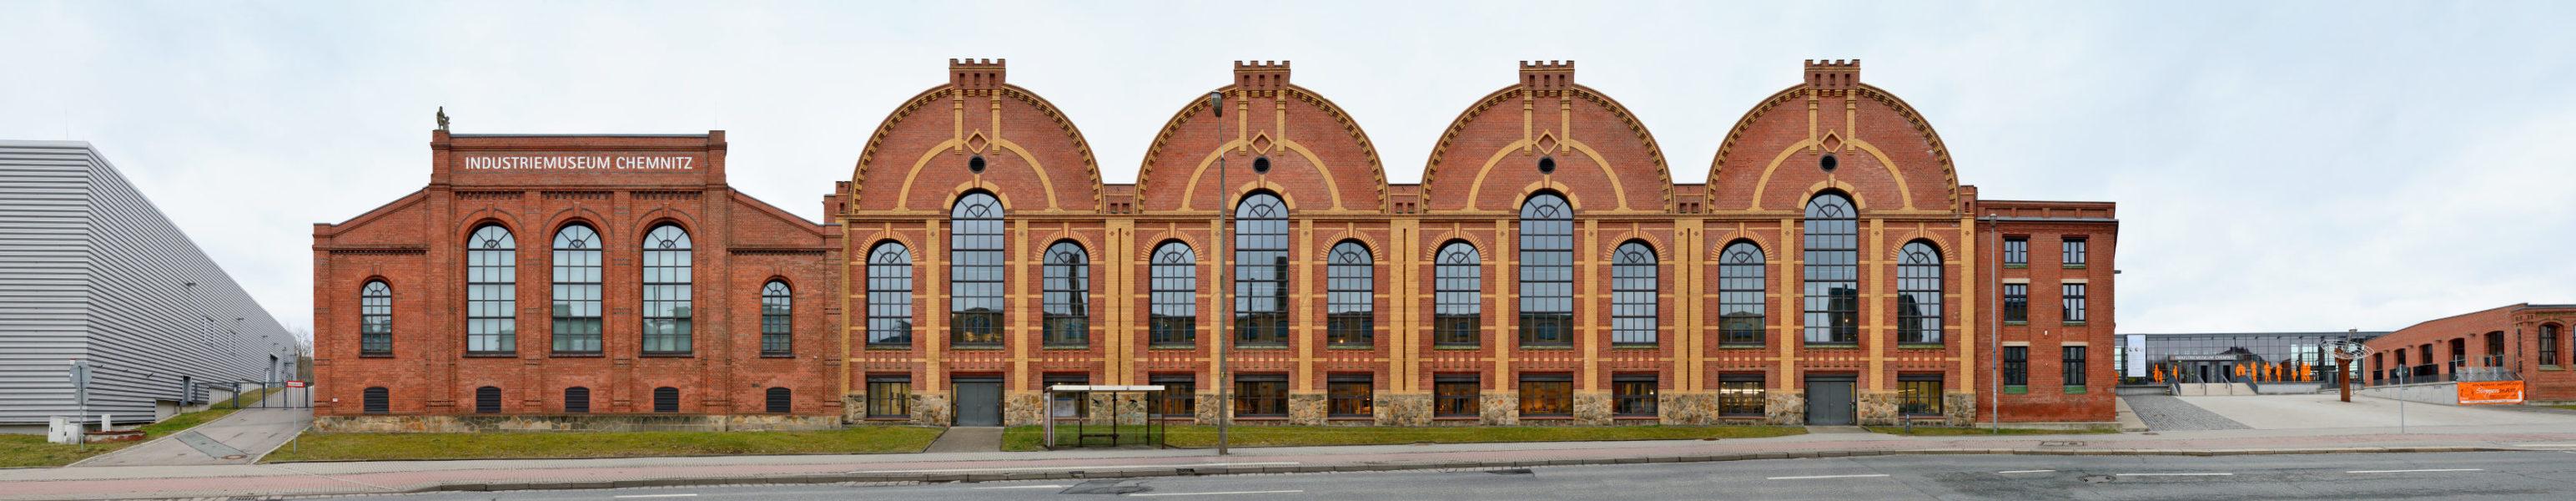 Industriemuseum Chemnitz | Werkzeugmaschinenfabrik Escher